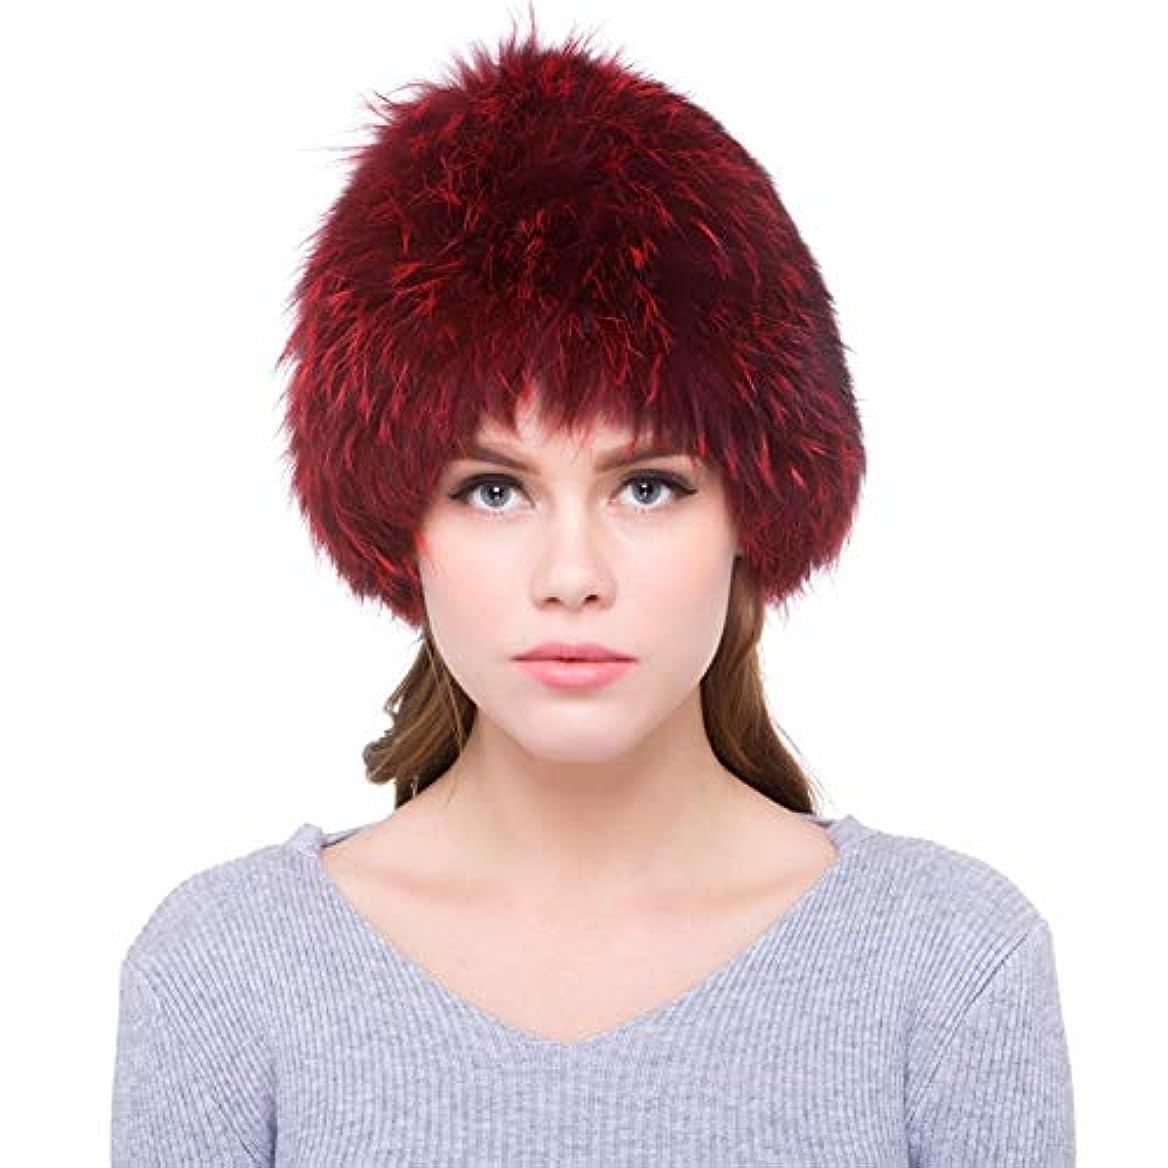 ランダムお世話になった鷲ACAO ヨーロッパとアメリカのキツネの毛皮の帽子の冬の天候ストリップの女性モデルトレンディな毛皮の帽子 (色 : Red wine, Size : M)